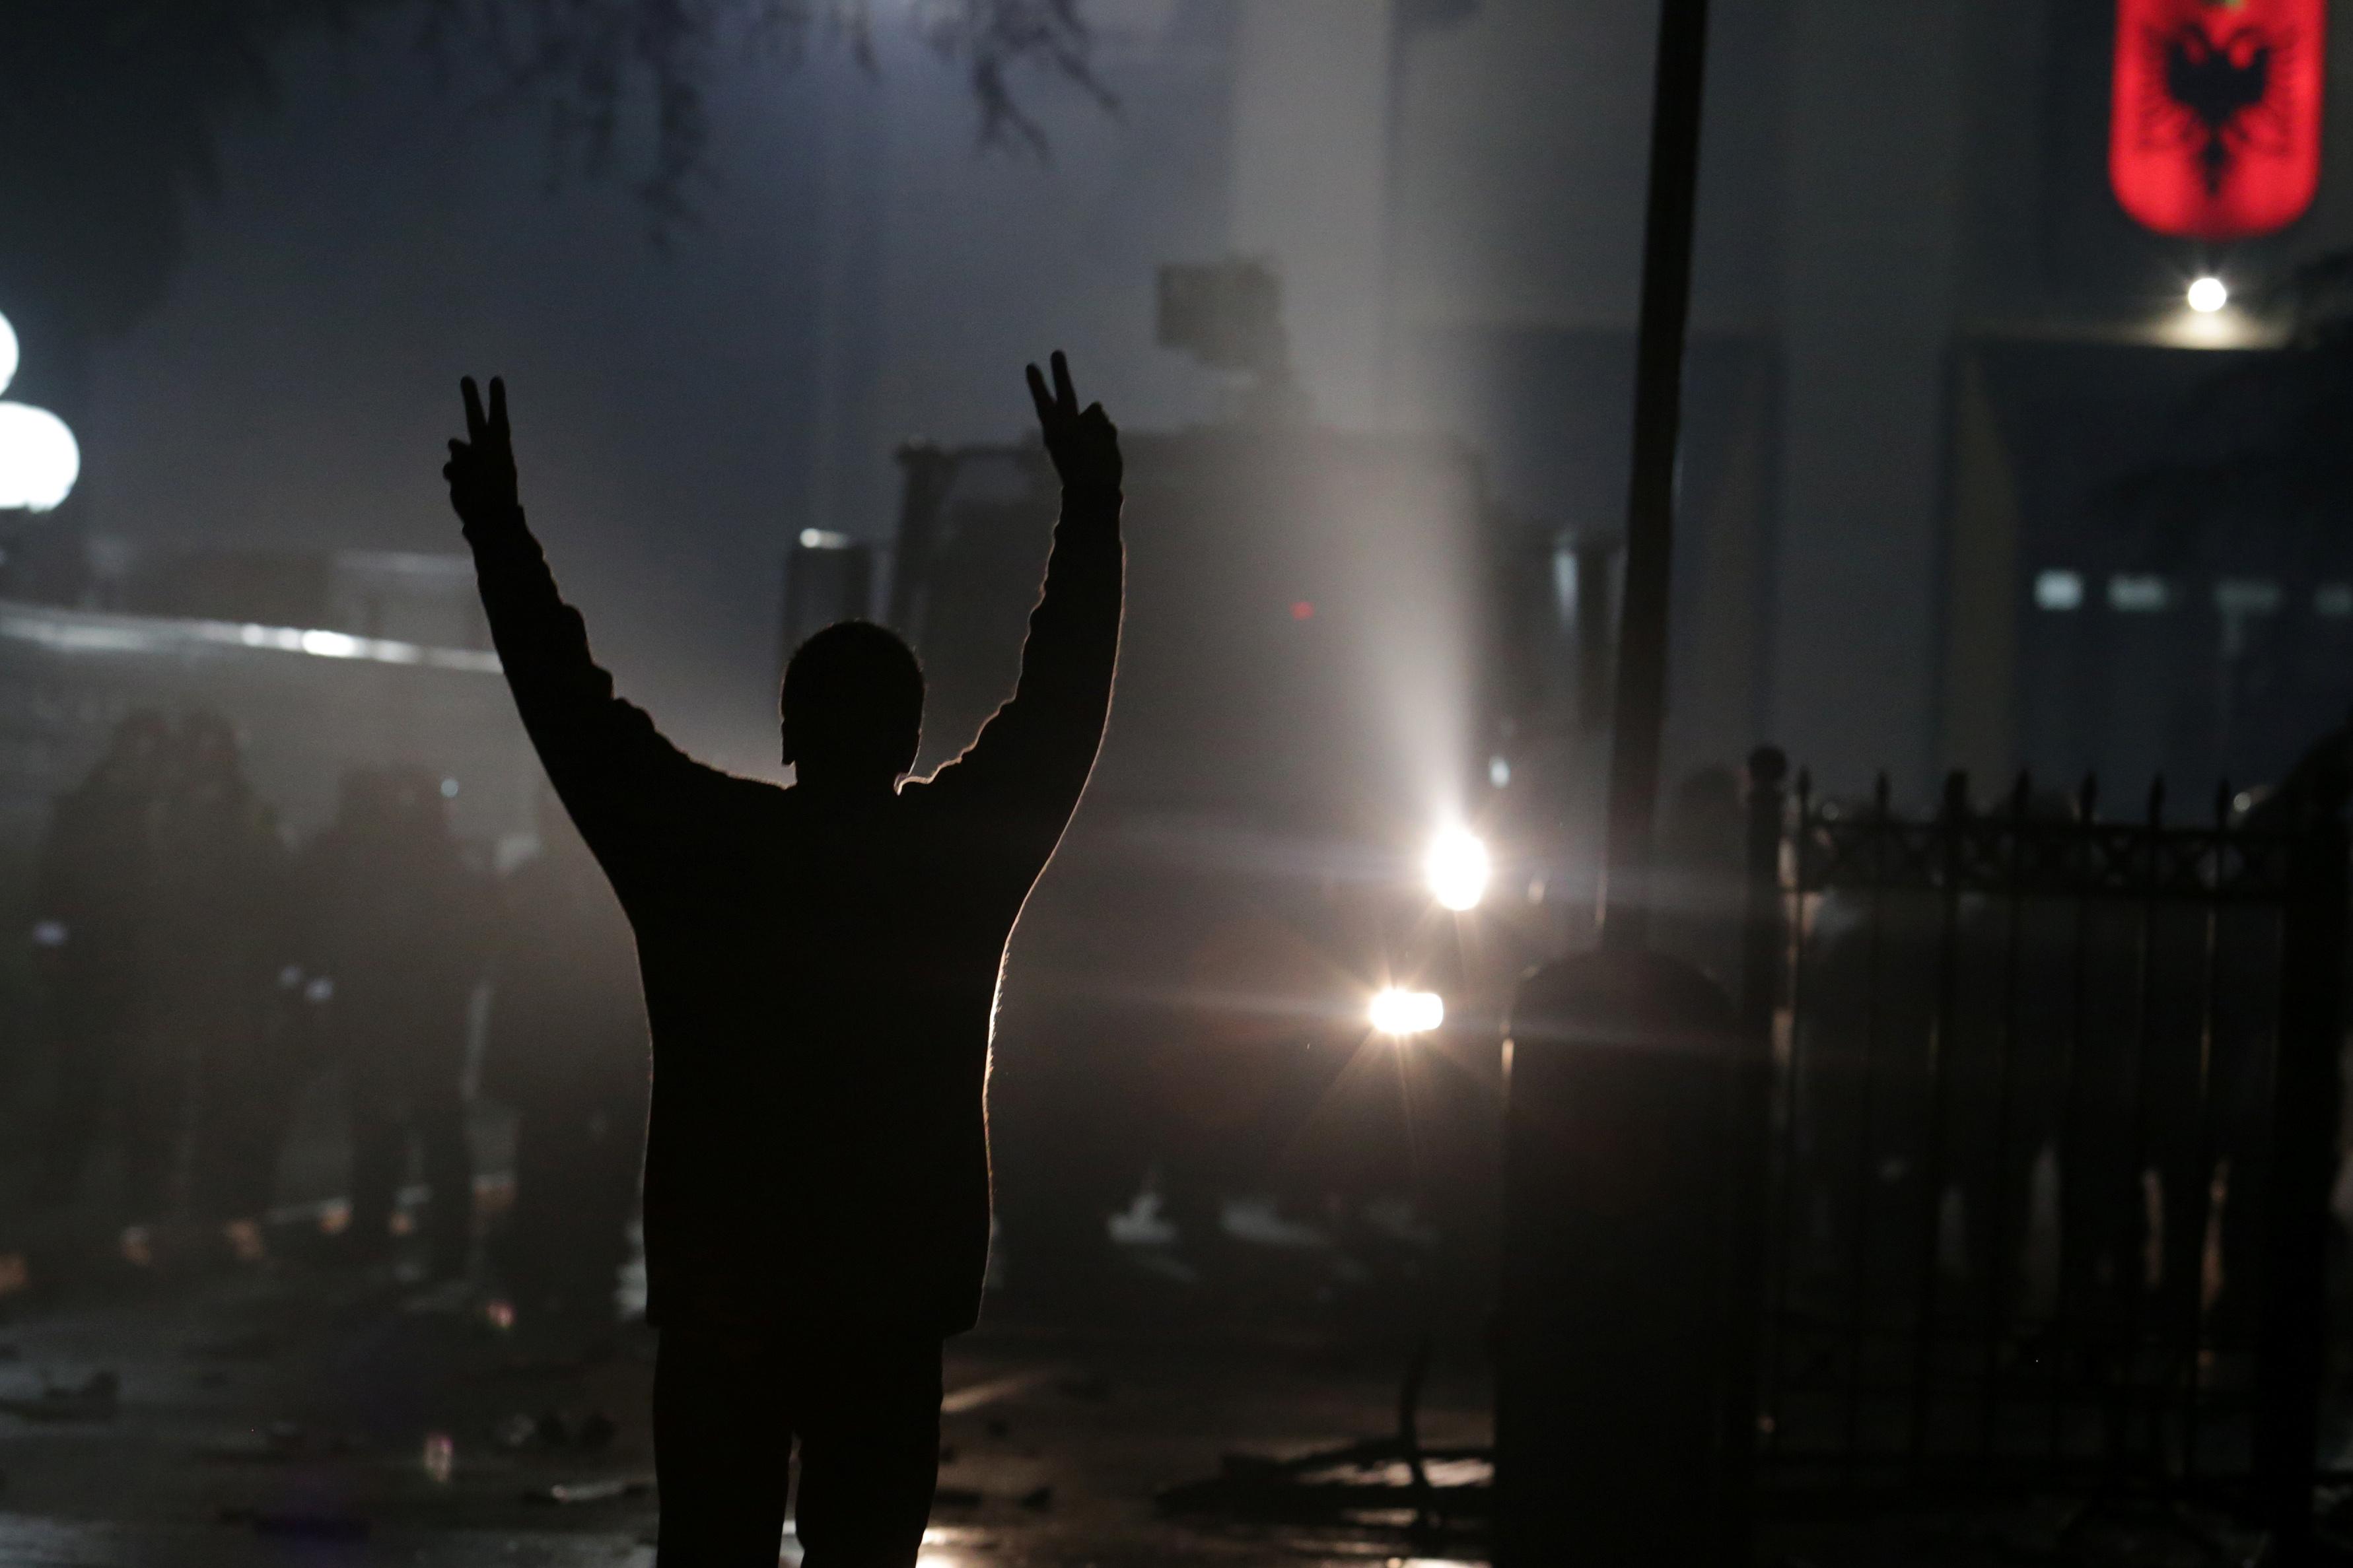 أحد مؤيدي حزب المعارضة يلتمس مظاهرة مناهضة للحكومة أمام مبنى البرلمان في تيرانا